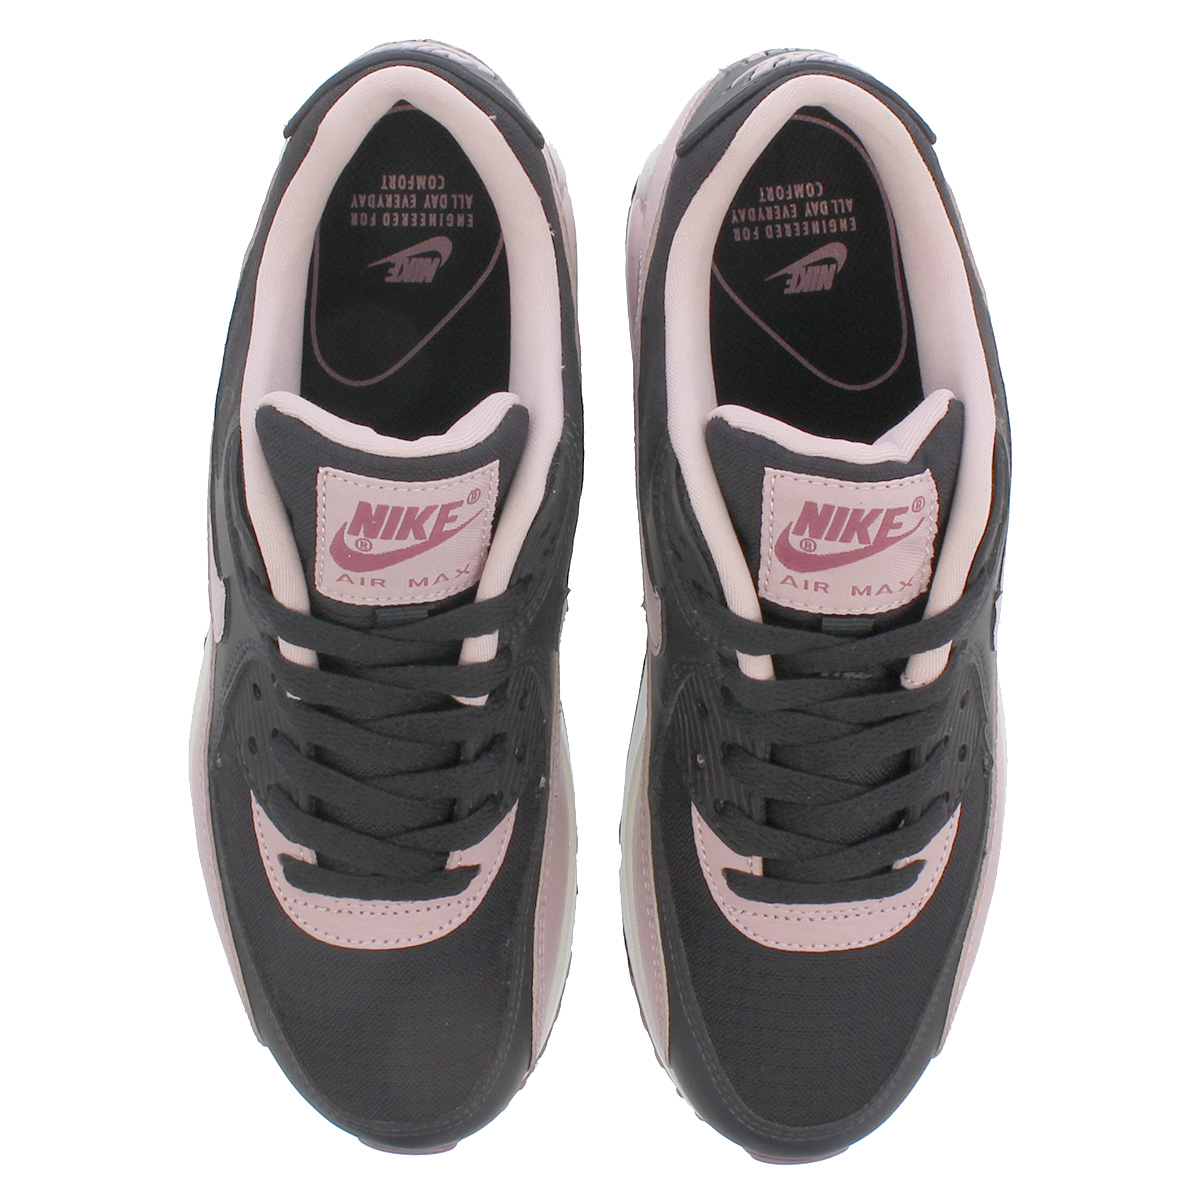 4665fdbdbb ... NIKE WMNS AIR MAX 90 Nike women Air Max 90 OIL GREY/PLUM CHALK/ ...